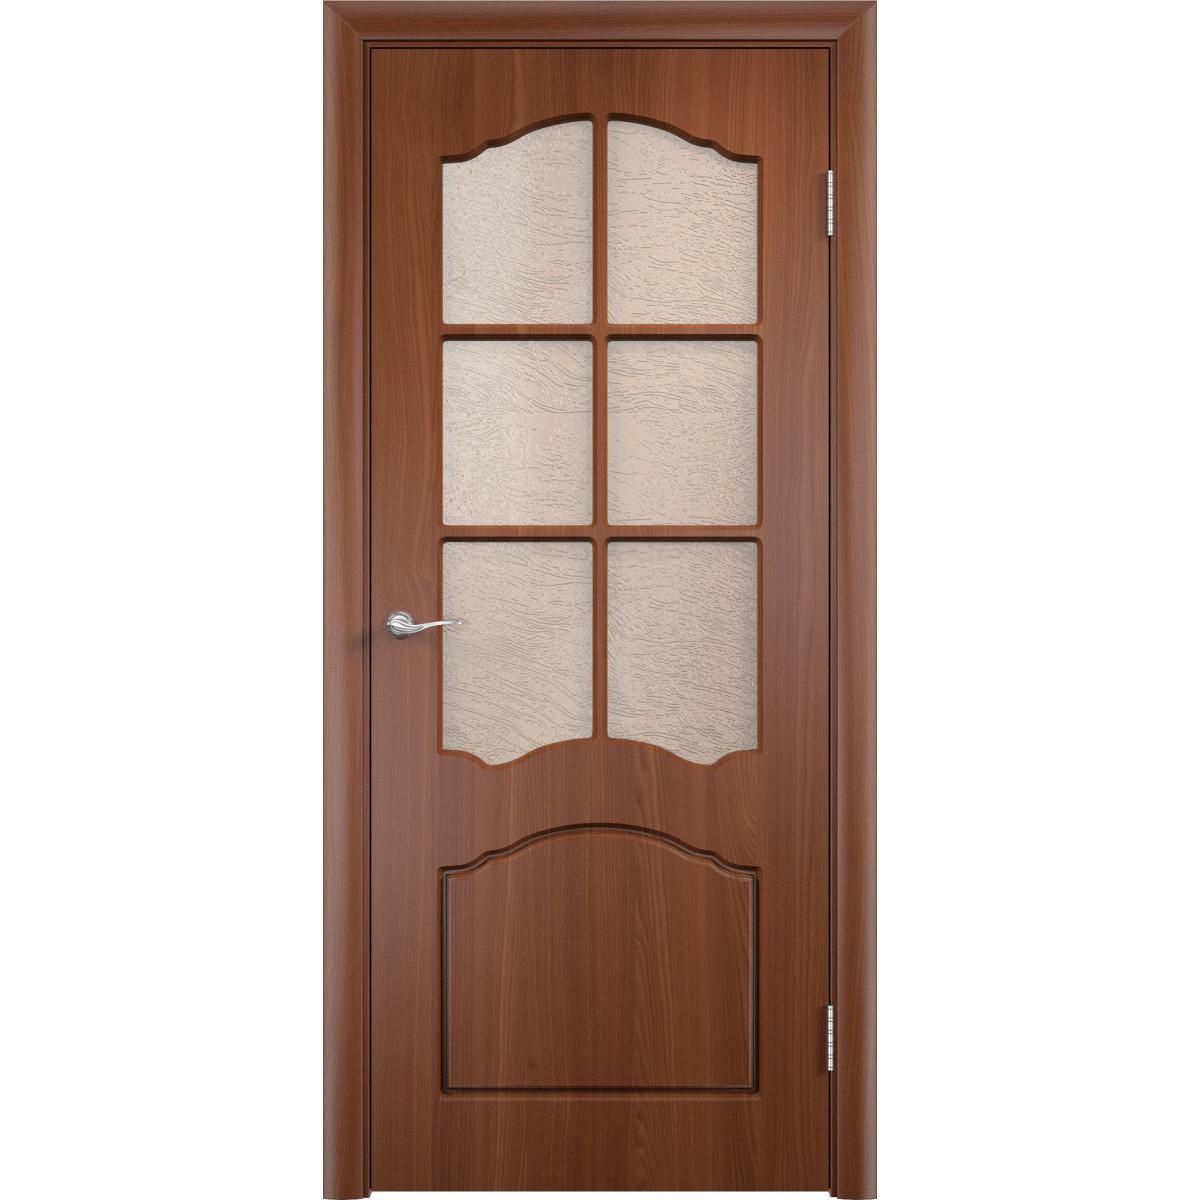 Дверное полотно Verda Лидия МП_0465 2000х600х40 мм МДФ